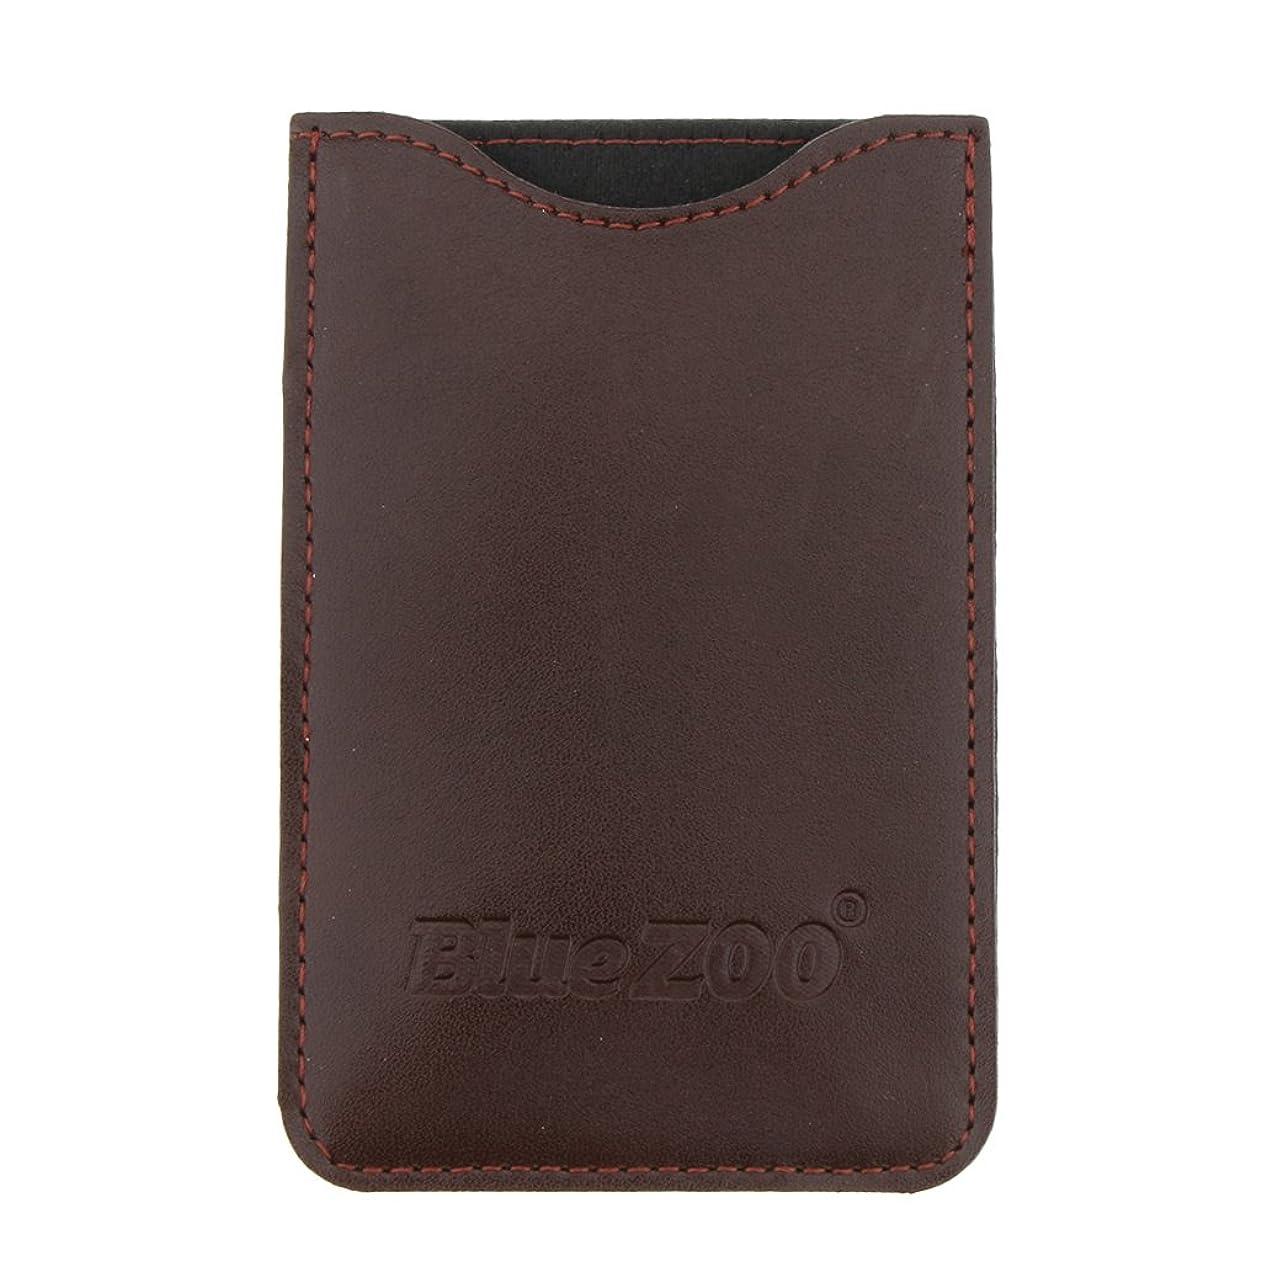 不十分なほのめかす反抗木製のポケットヒゲの櫛の保護収納ポーチ、小さな櫛PUレザーケース - 褐色